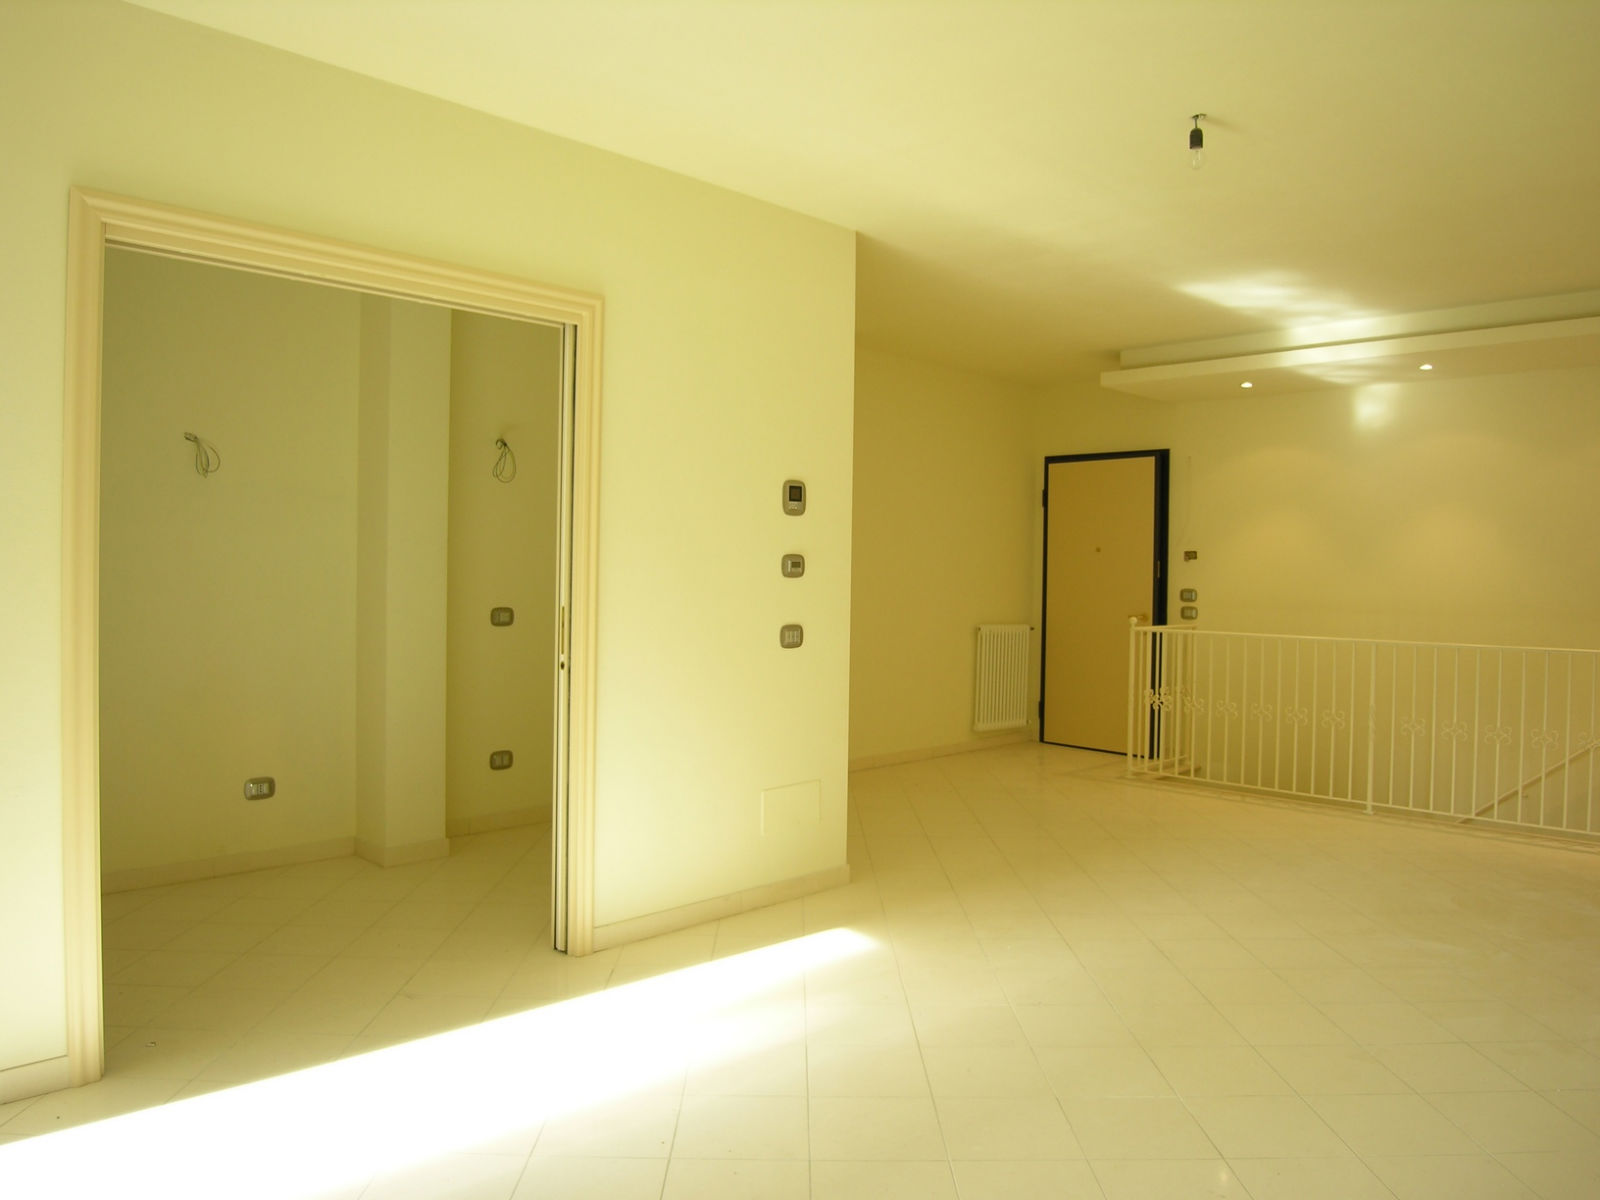 Appartamento in vendita a Viareggio, 4 locali, prezzo € 620.000   PortaleAgenzieImmobiliari.it